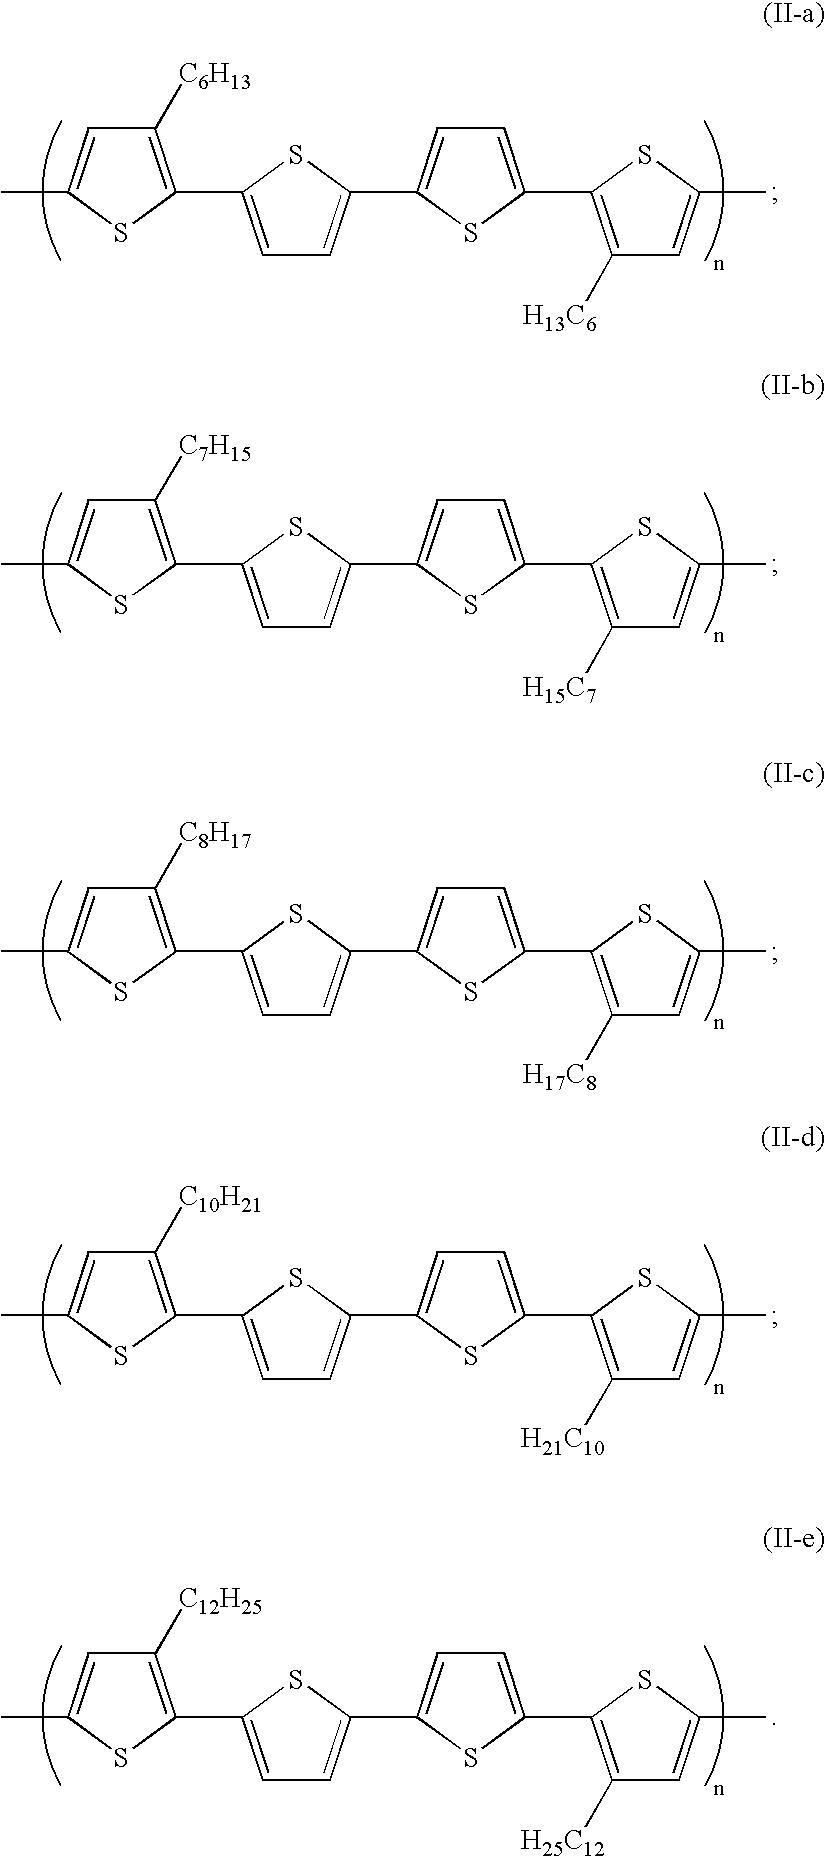 Figure US20050017311A1-20050127-C00031